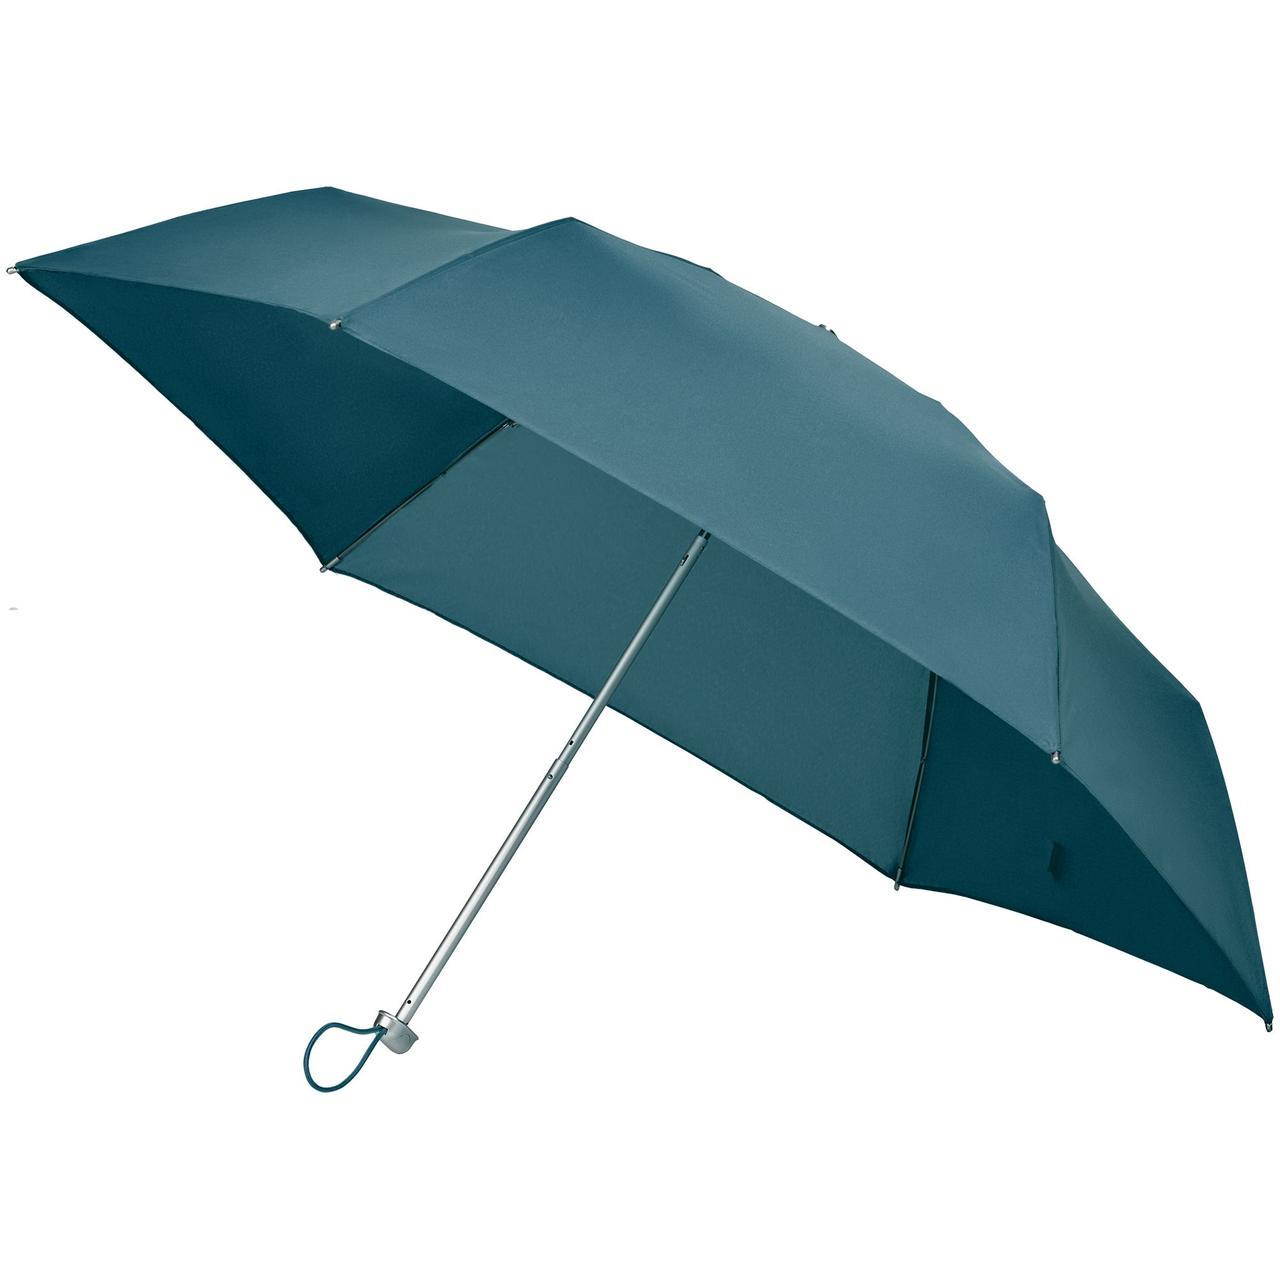 Складной зонт Alu Drop S, 3 сложения, механический, синий (индиго)